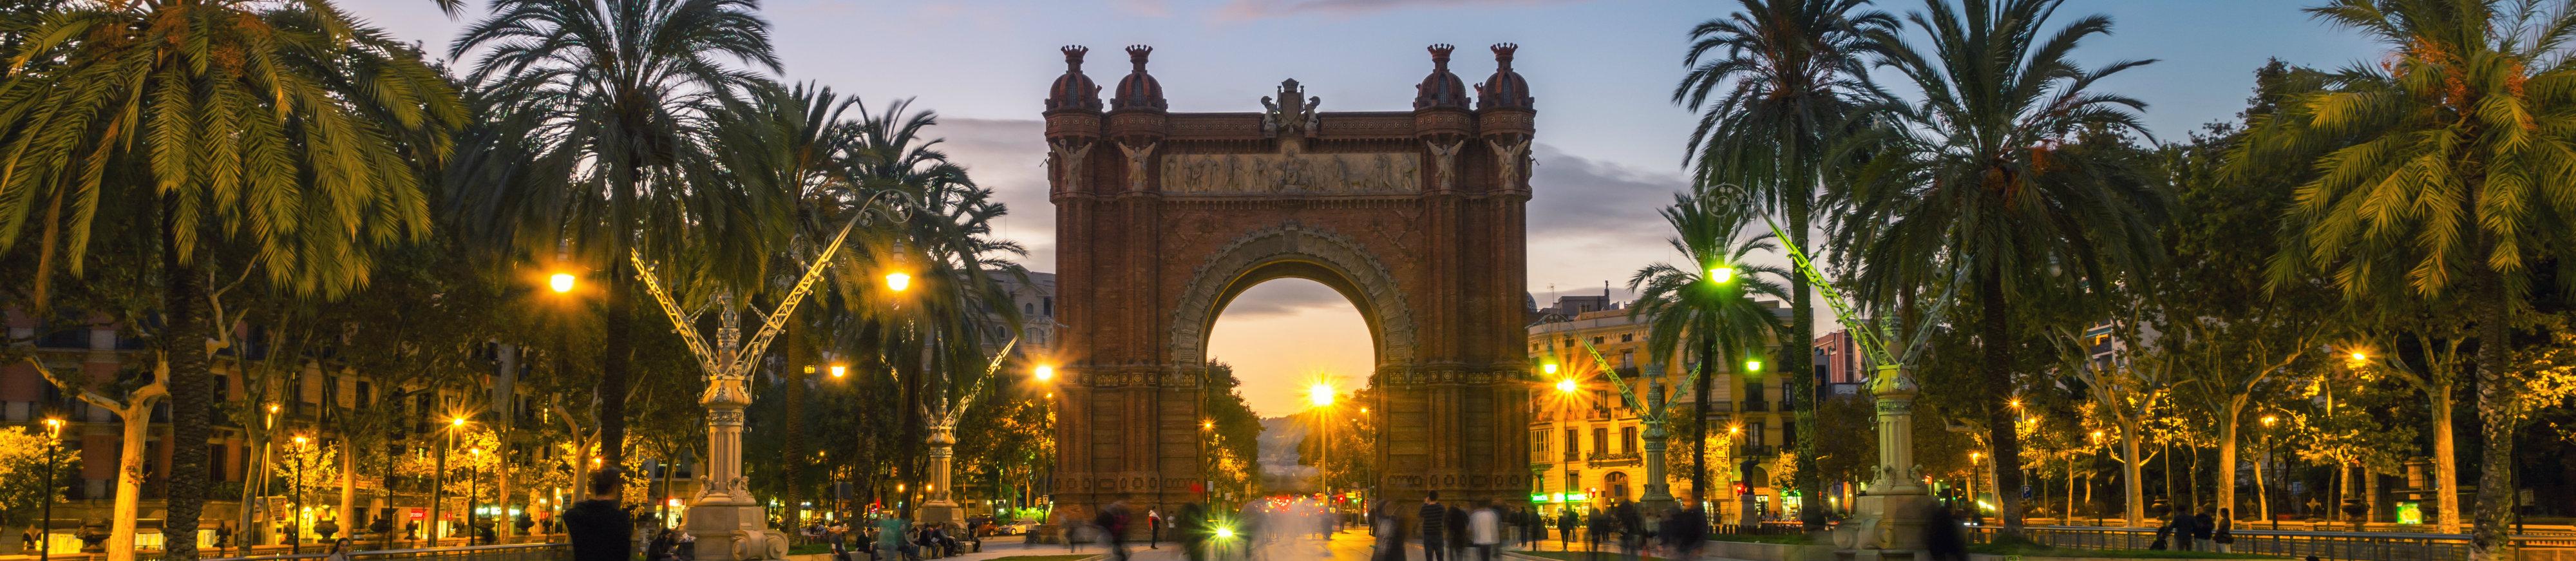 bigstock-arch-of-triumph-in-barcelona-687x150